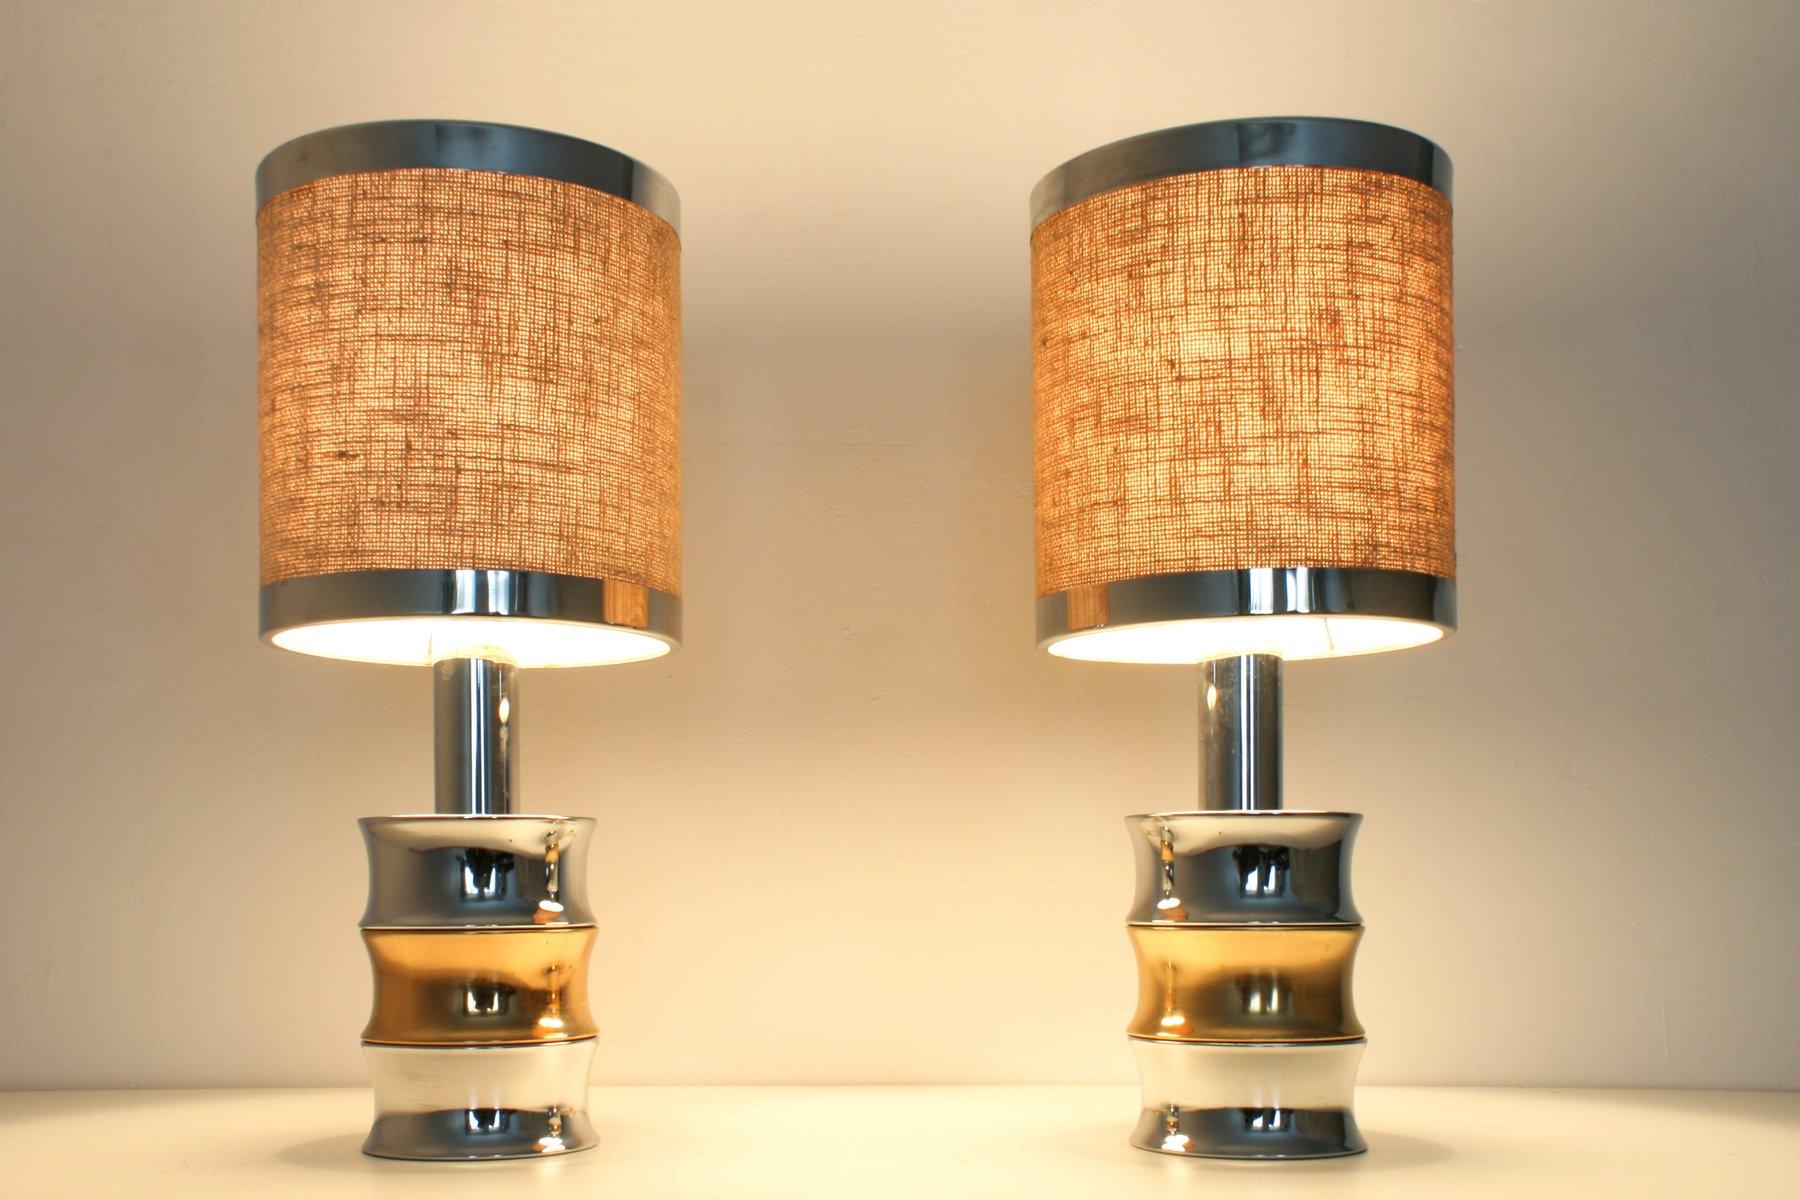 Vintage chrom tischlampen von reggiani 2er set bei pamono for Tischlampen vintage